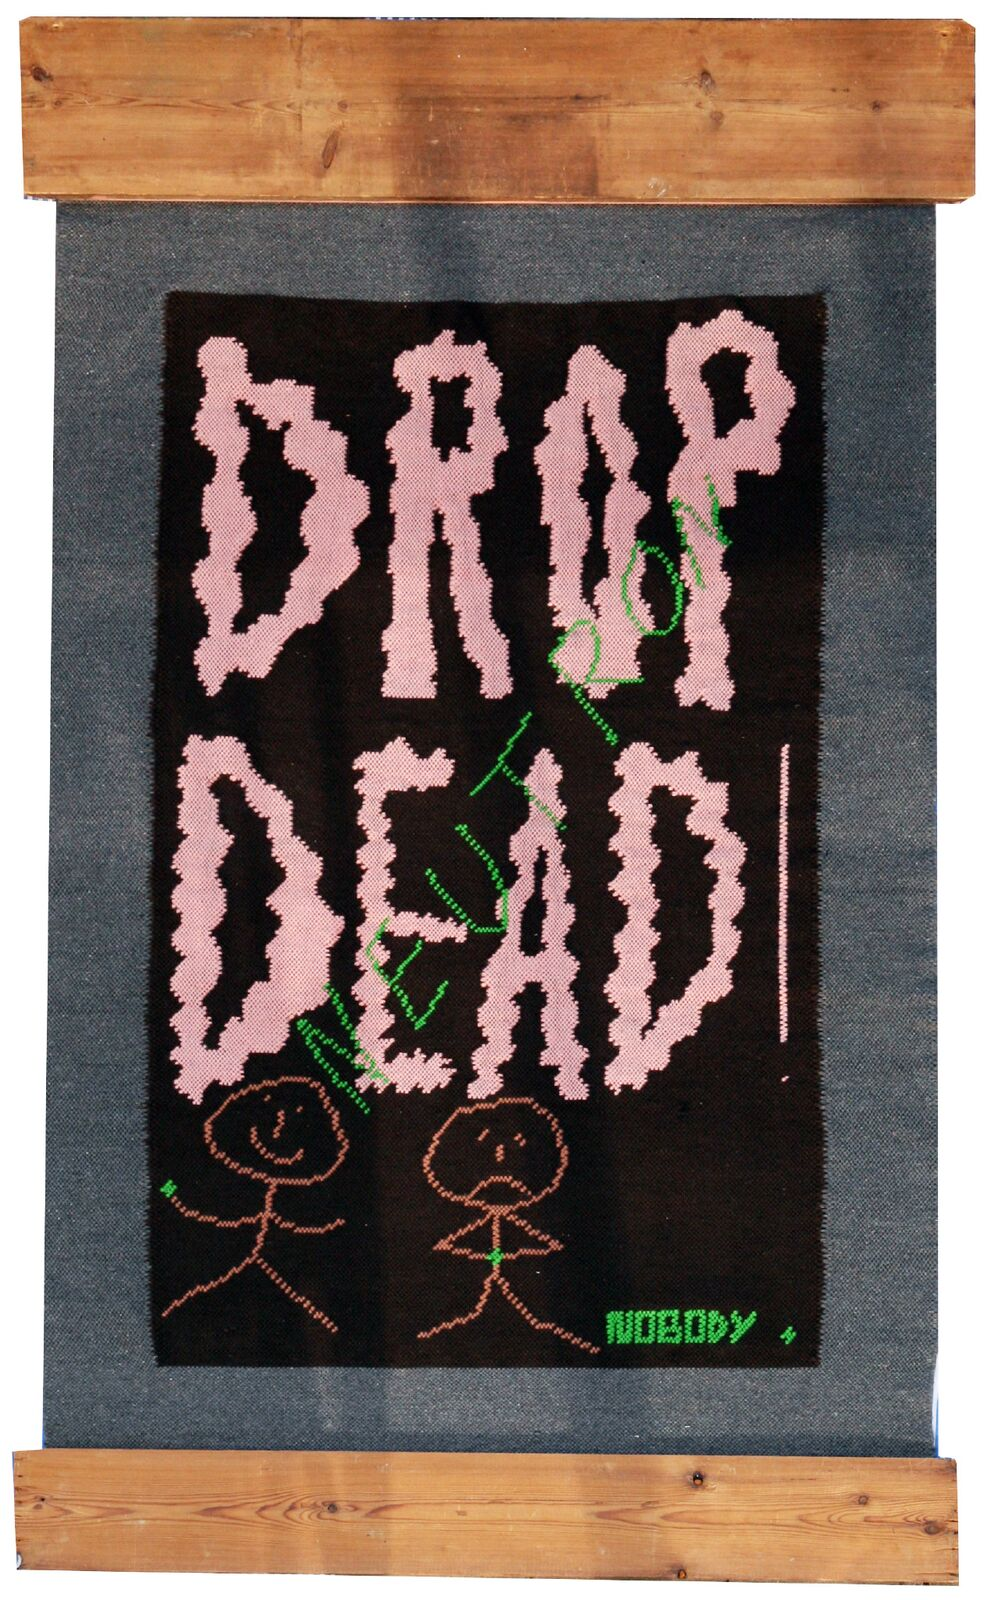 Ann-Charlotte_Johannesson_DROP-DEAD_PetraLiljaGallery.jpg